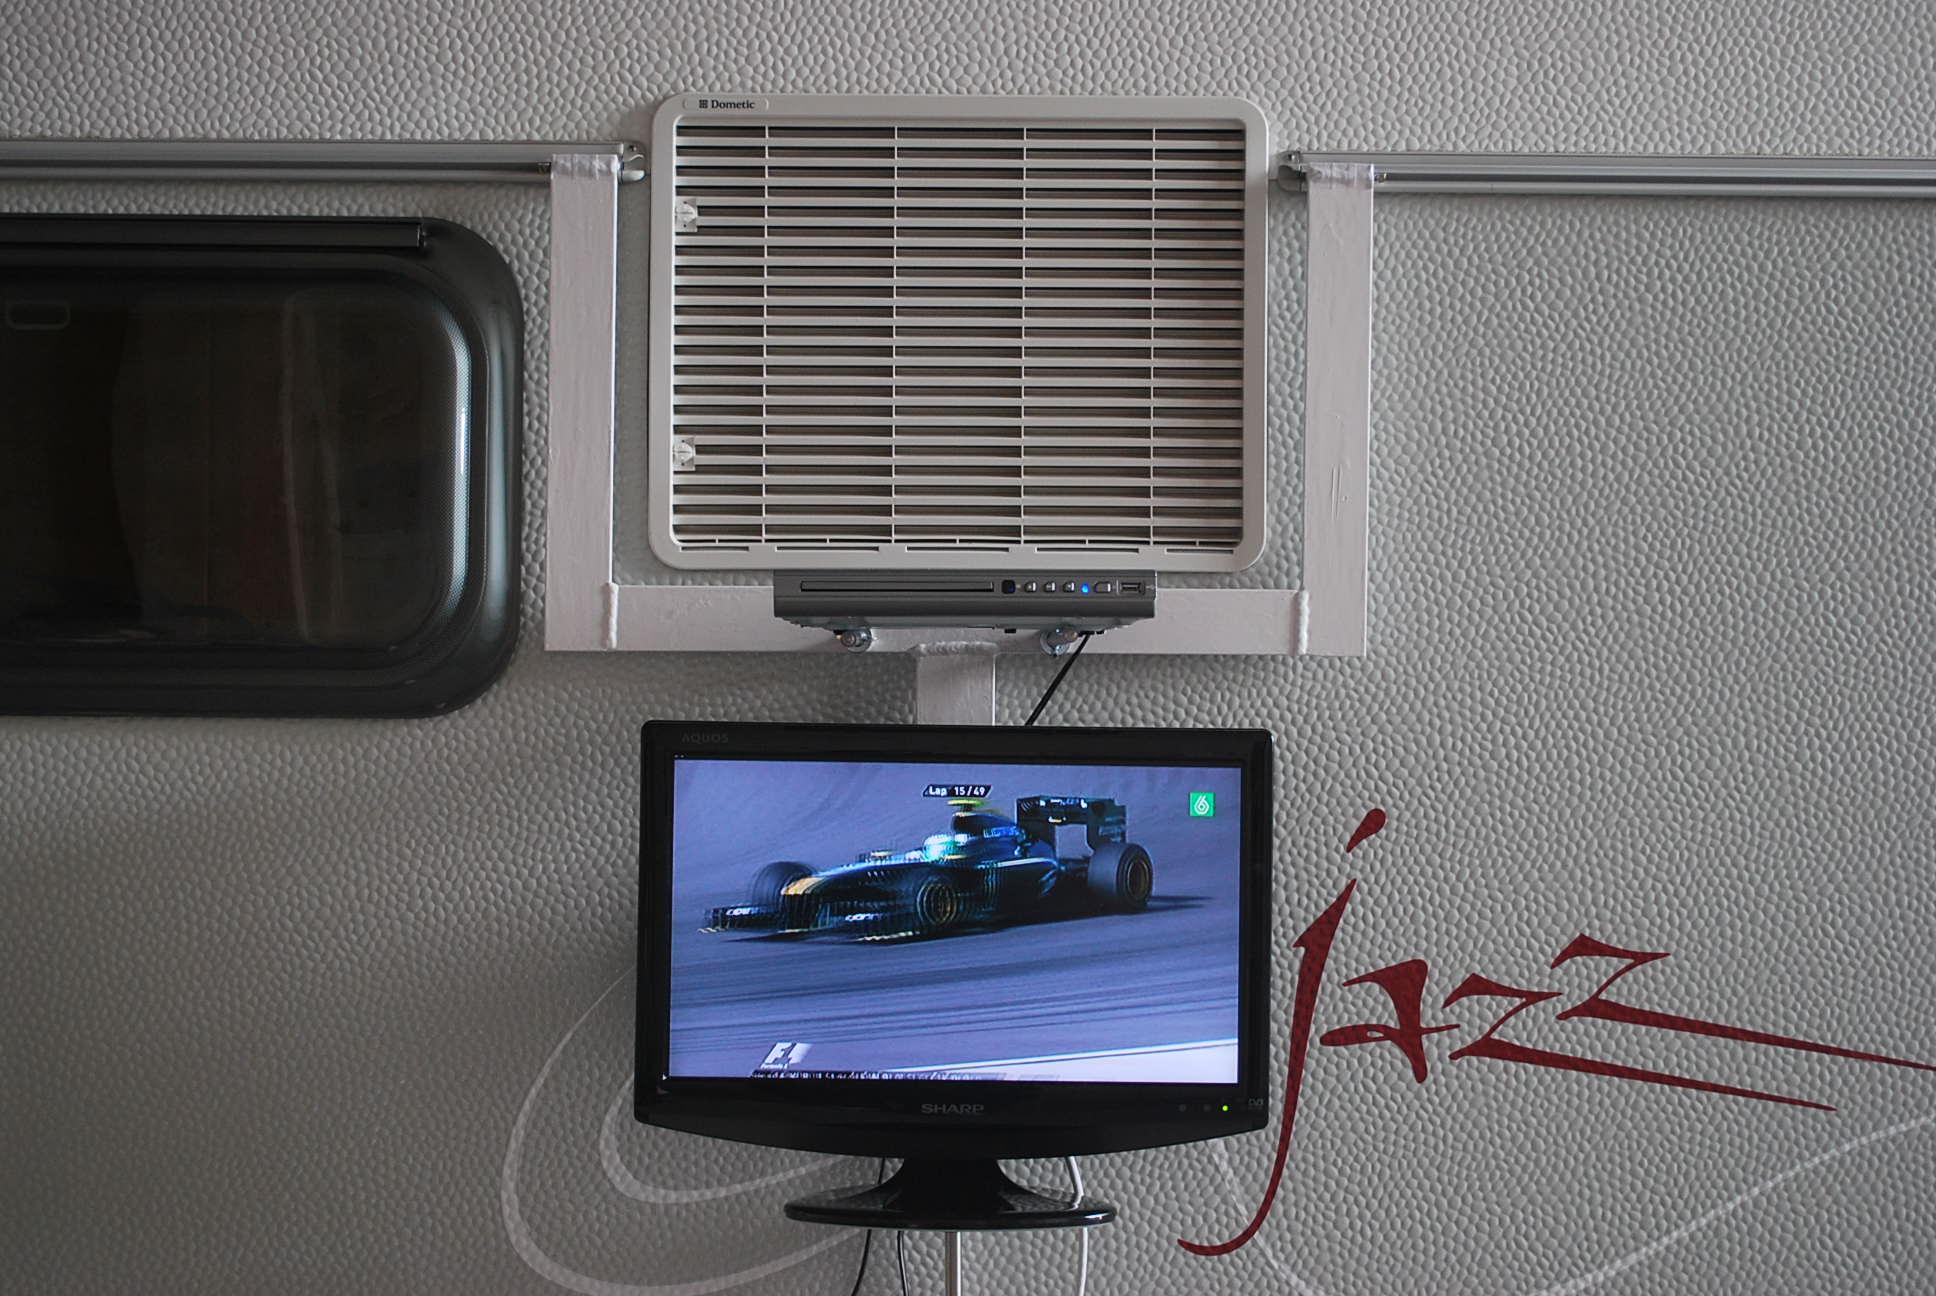 Soporte para tv plana en el exterior de la cv - Television pequena plana ...